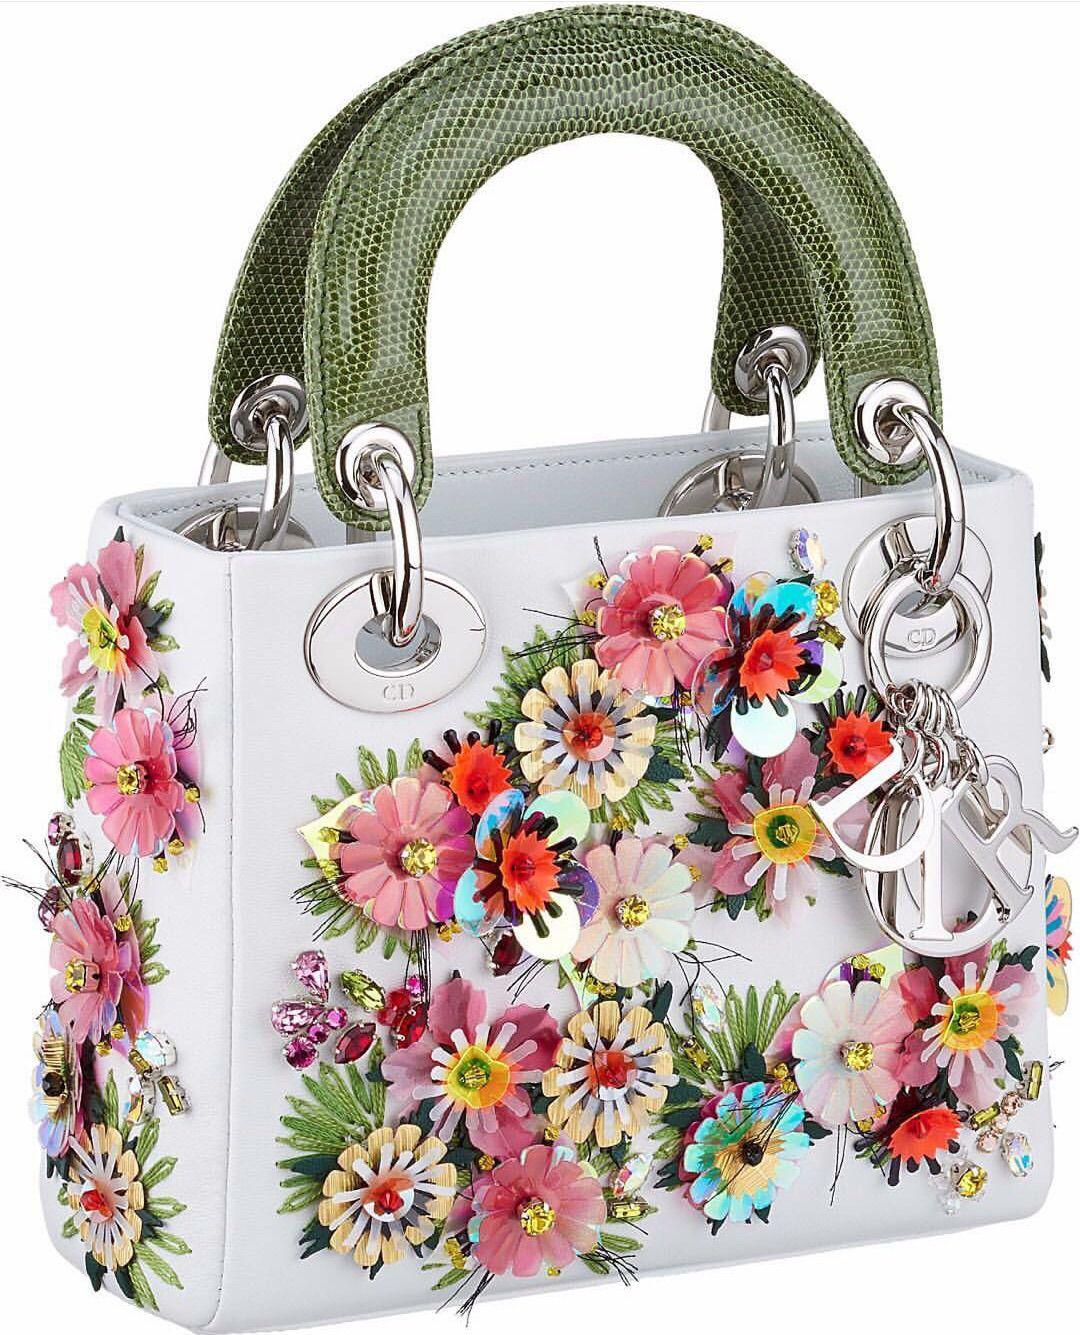 c7e0ed7d4 Dior spring/summer 2016 handbag collection | Simply Dior in 2019 ...